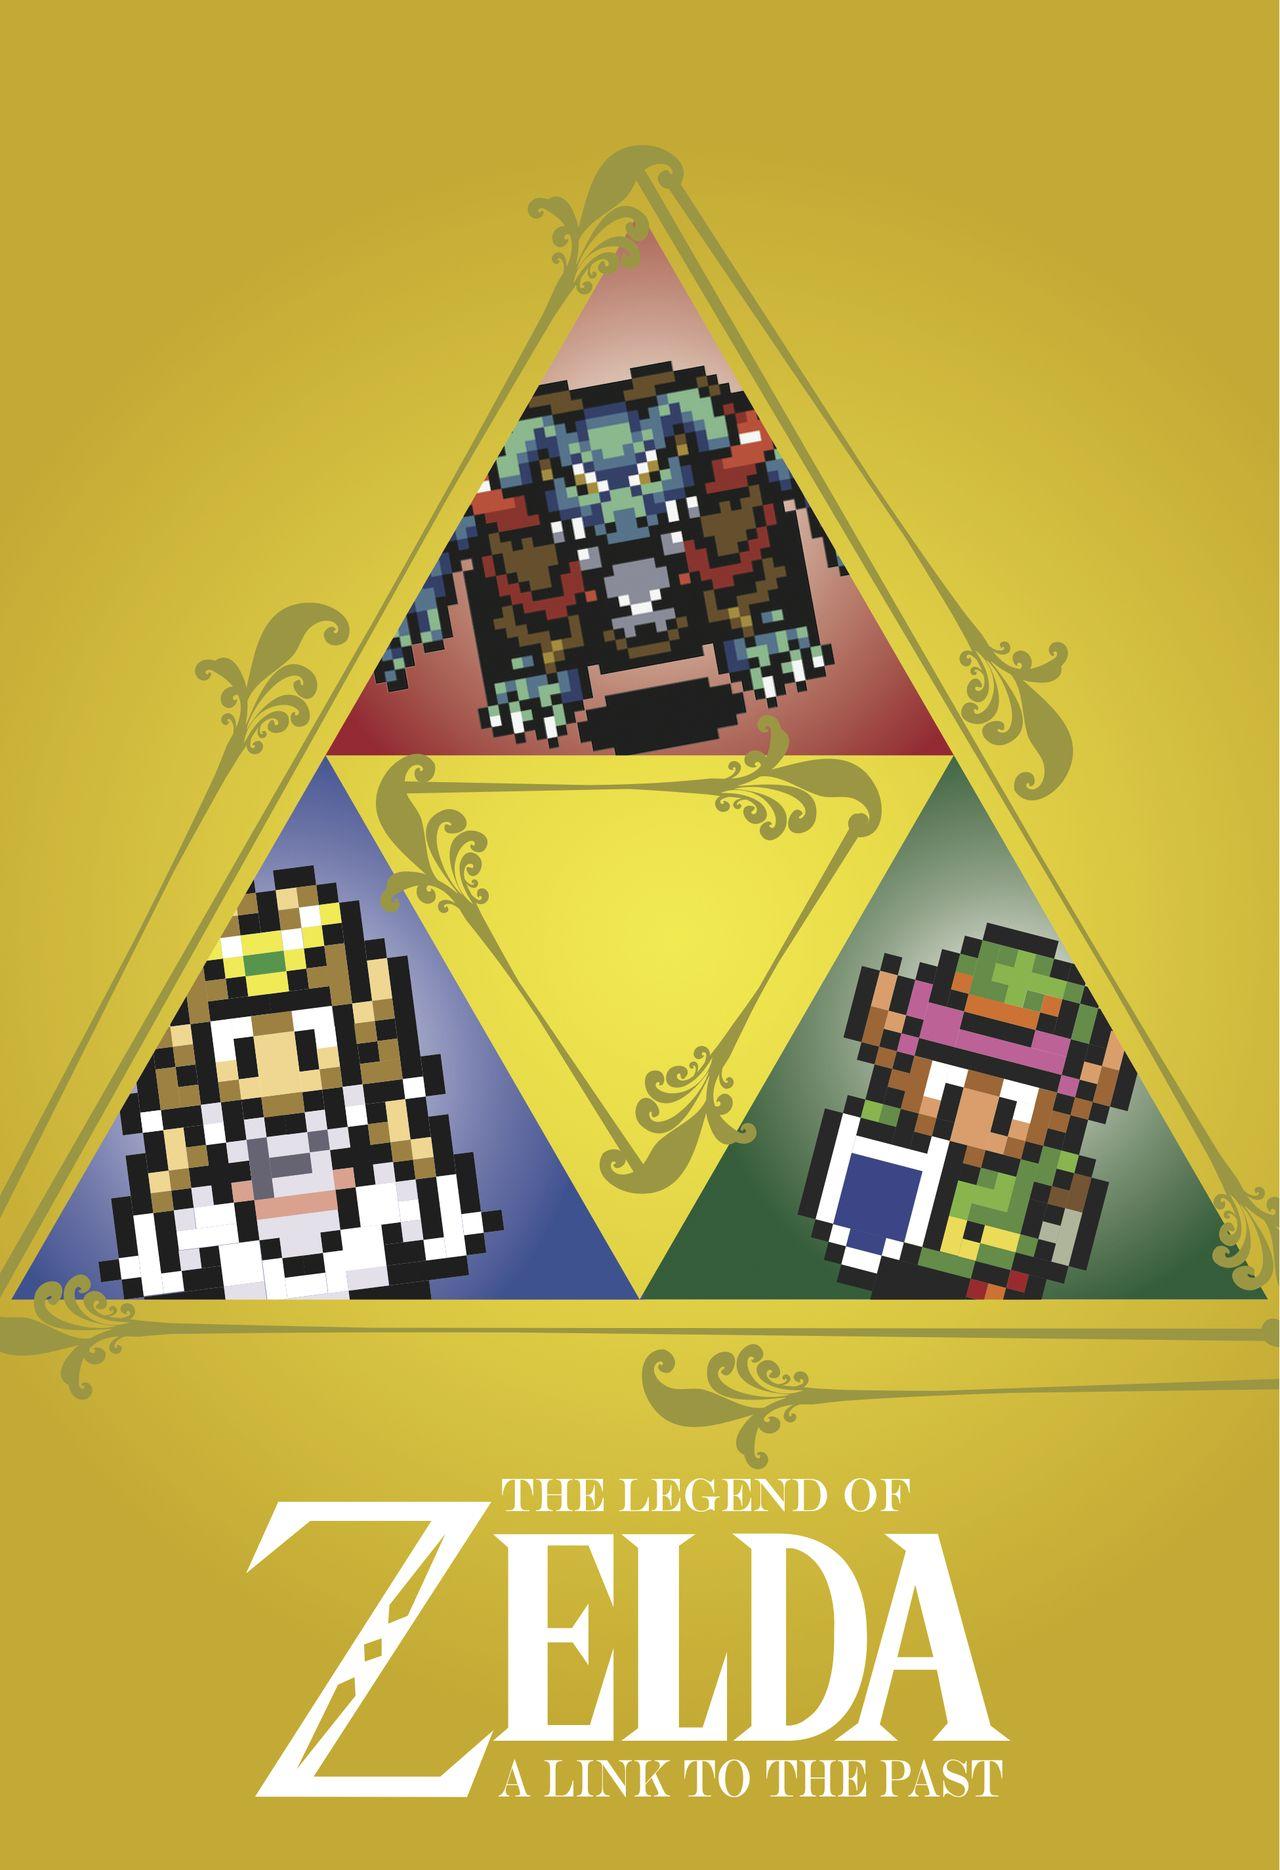 Via Crolin Legend Of Zelda Zelda Video Games Zelda